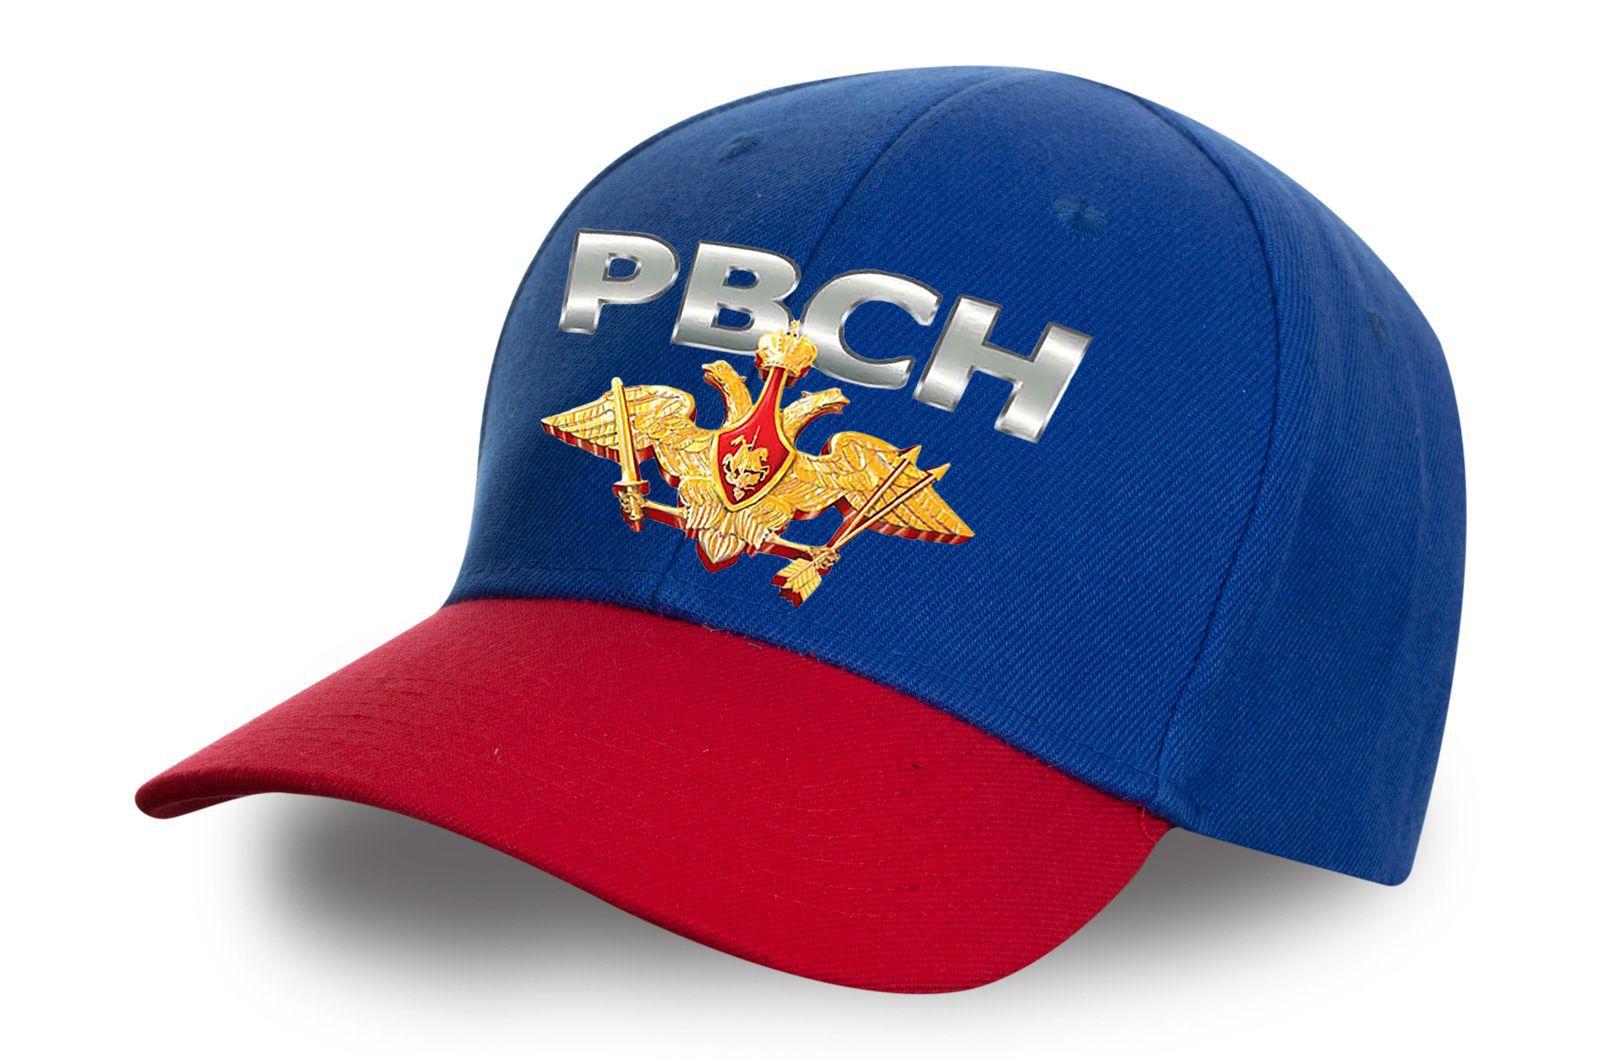 Оригинальная кепка РВСН - купить по низкой цене